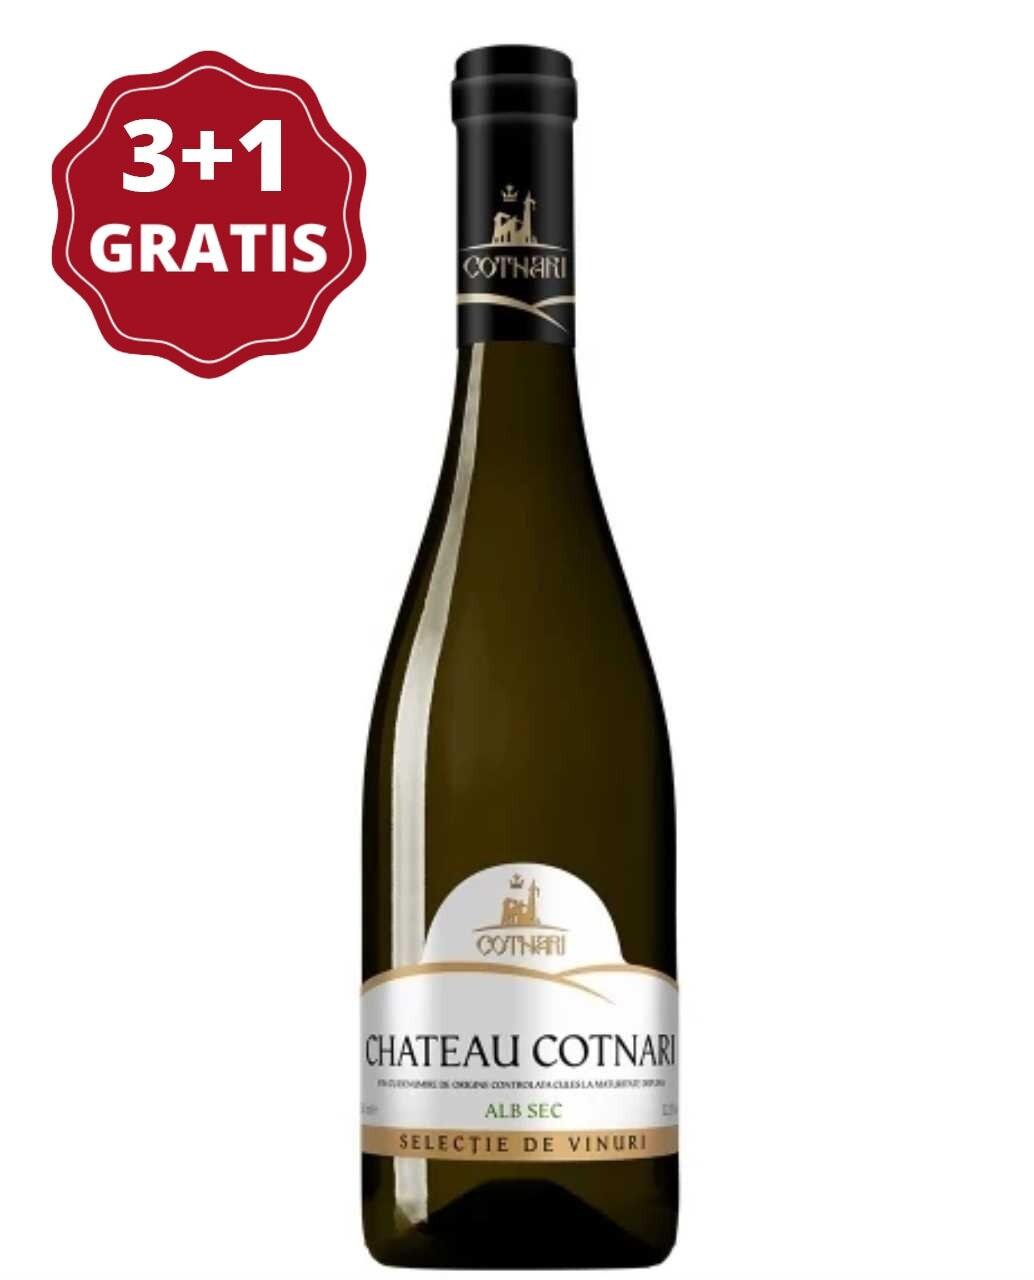 Cotnari Selectie Chateau Cotnari Alb 3+1